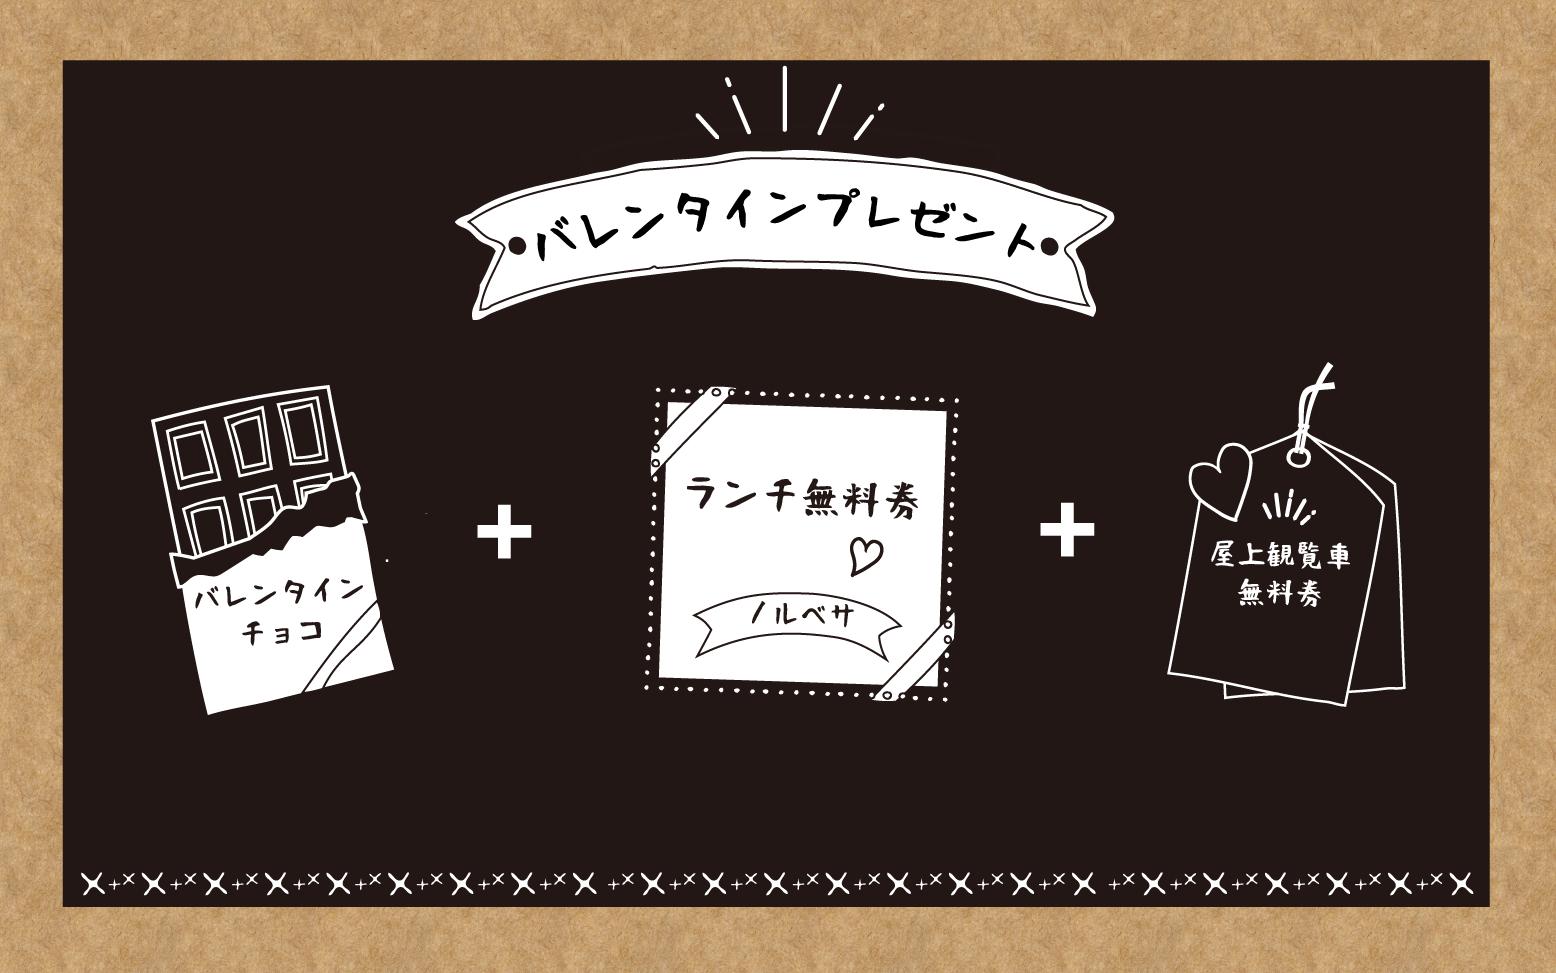 プレゼント概要-01